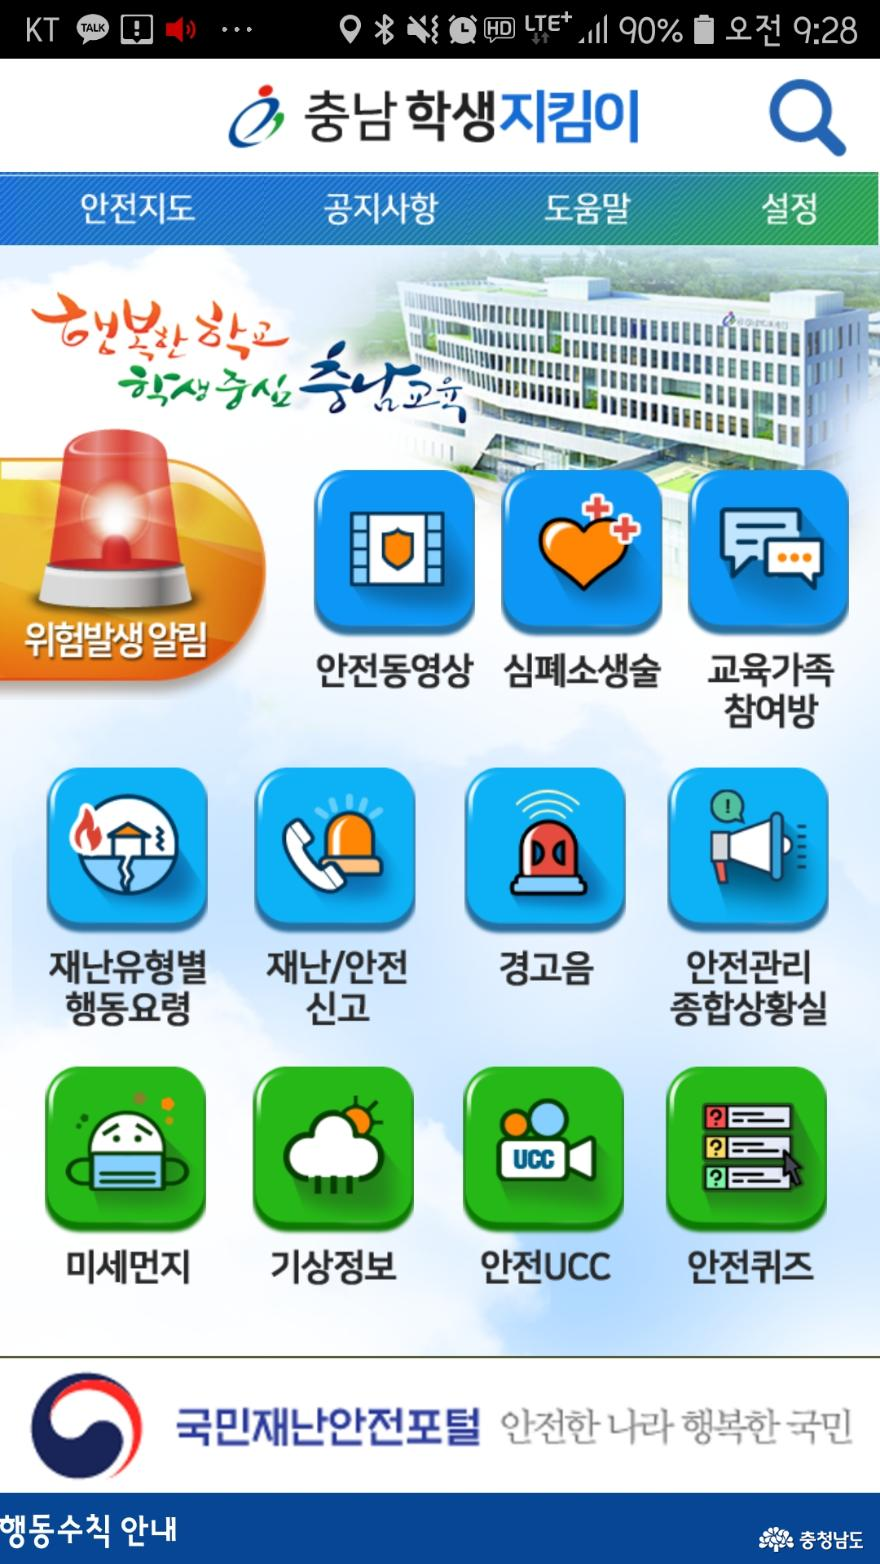 충남학생지킴이 앱(App) 기능개선 완료